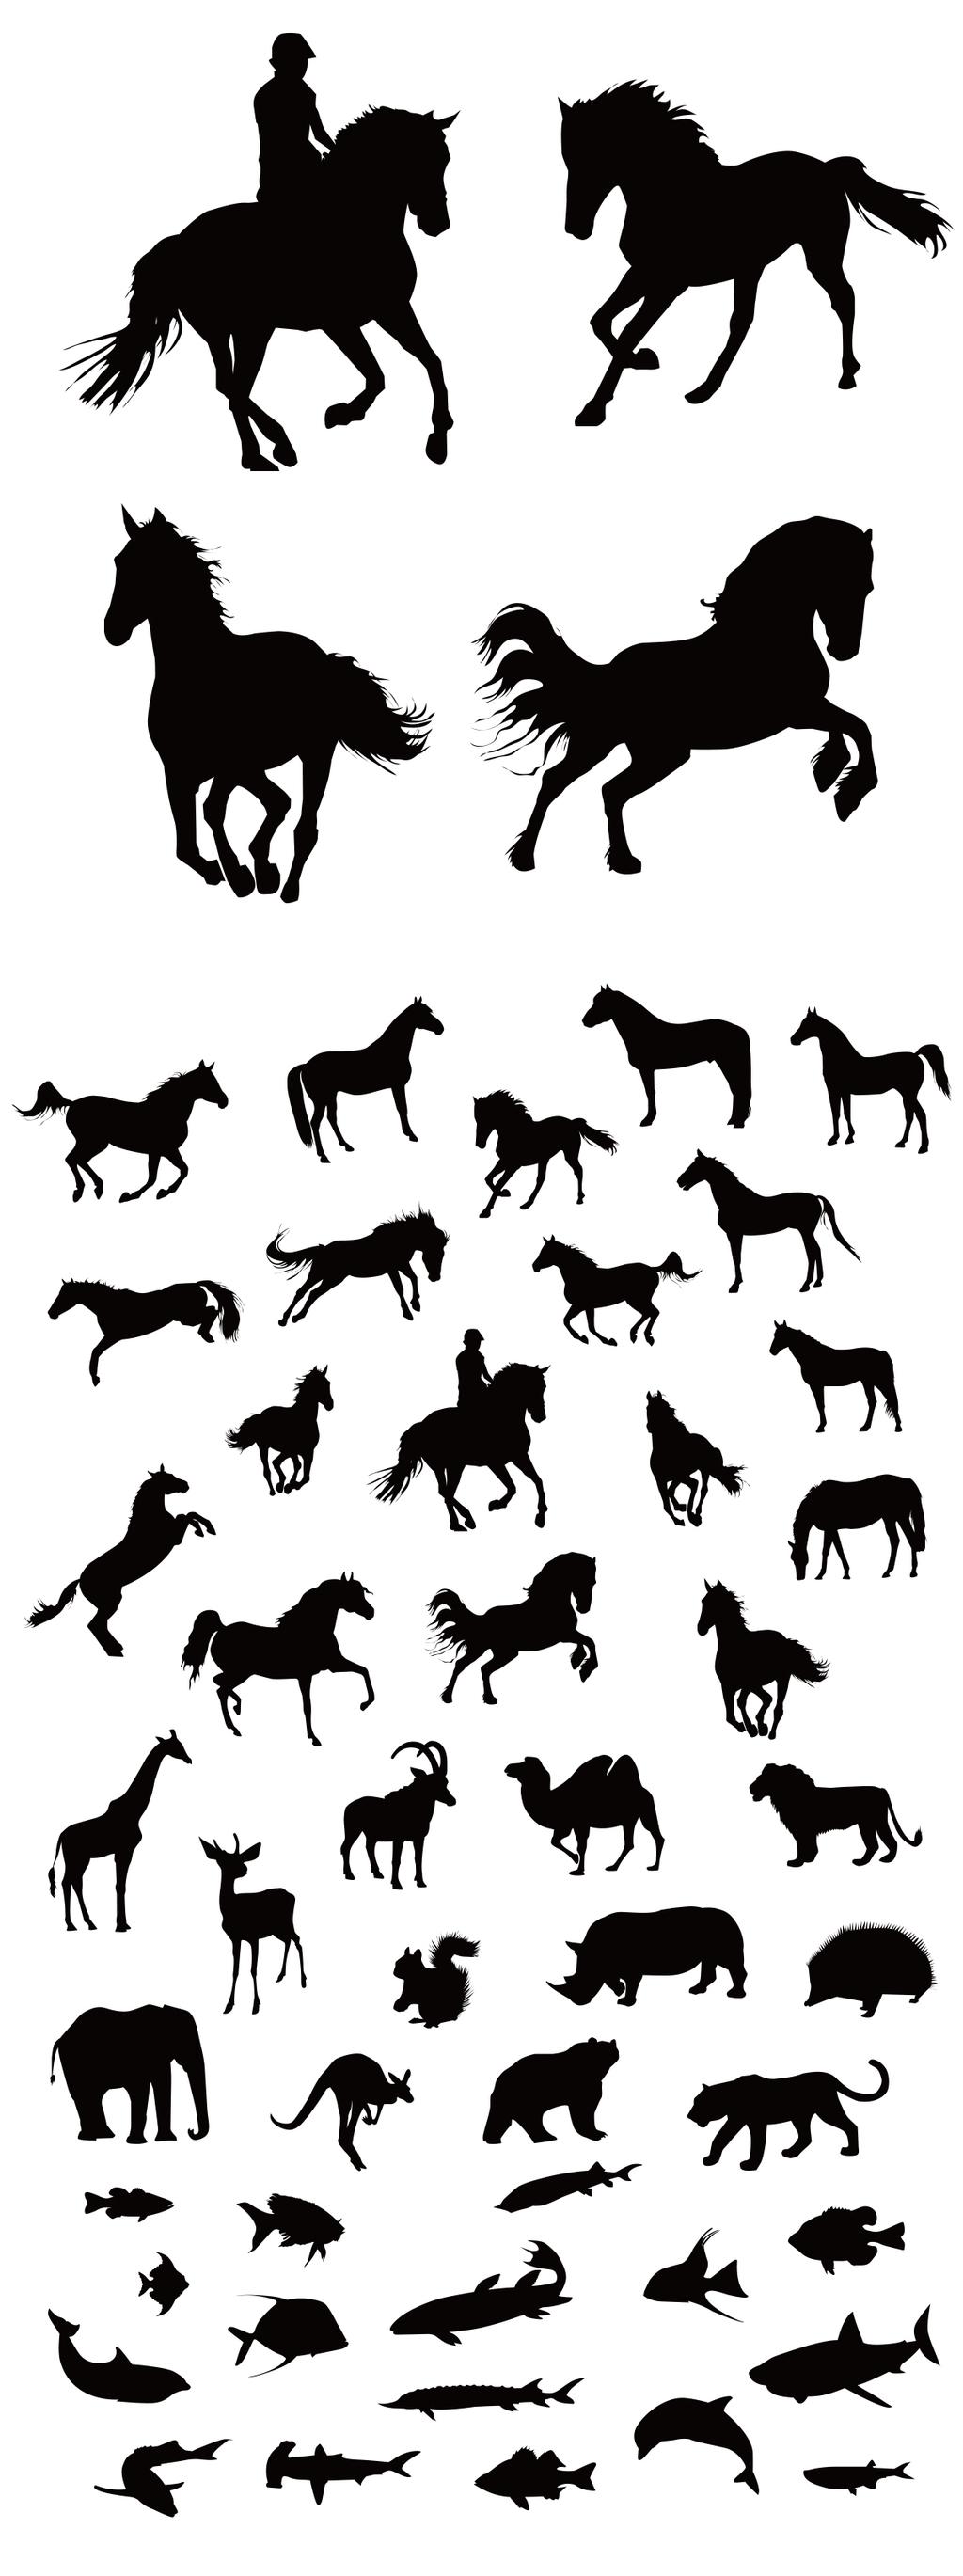 2017黑白动物剪影奔马矢量素材